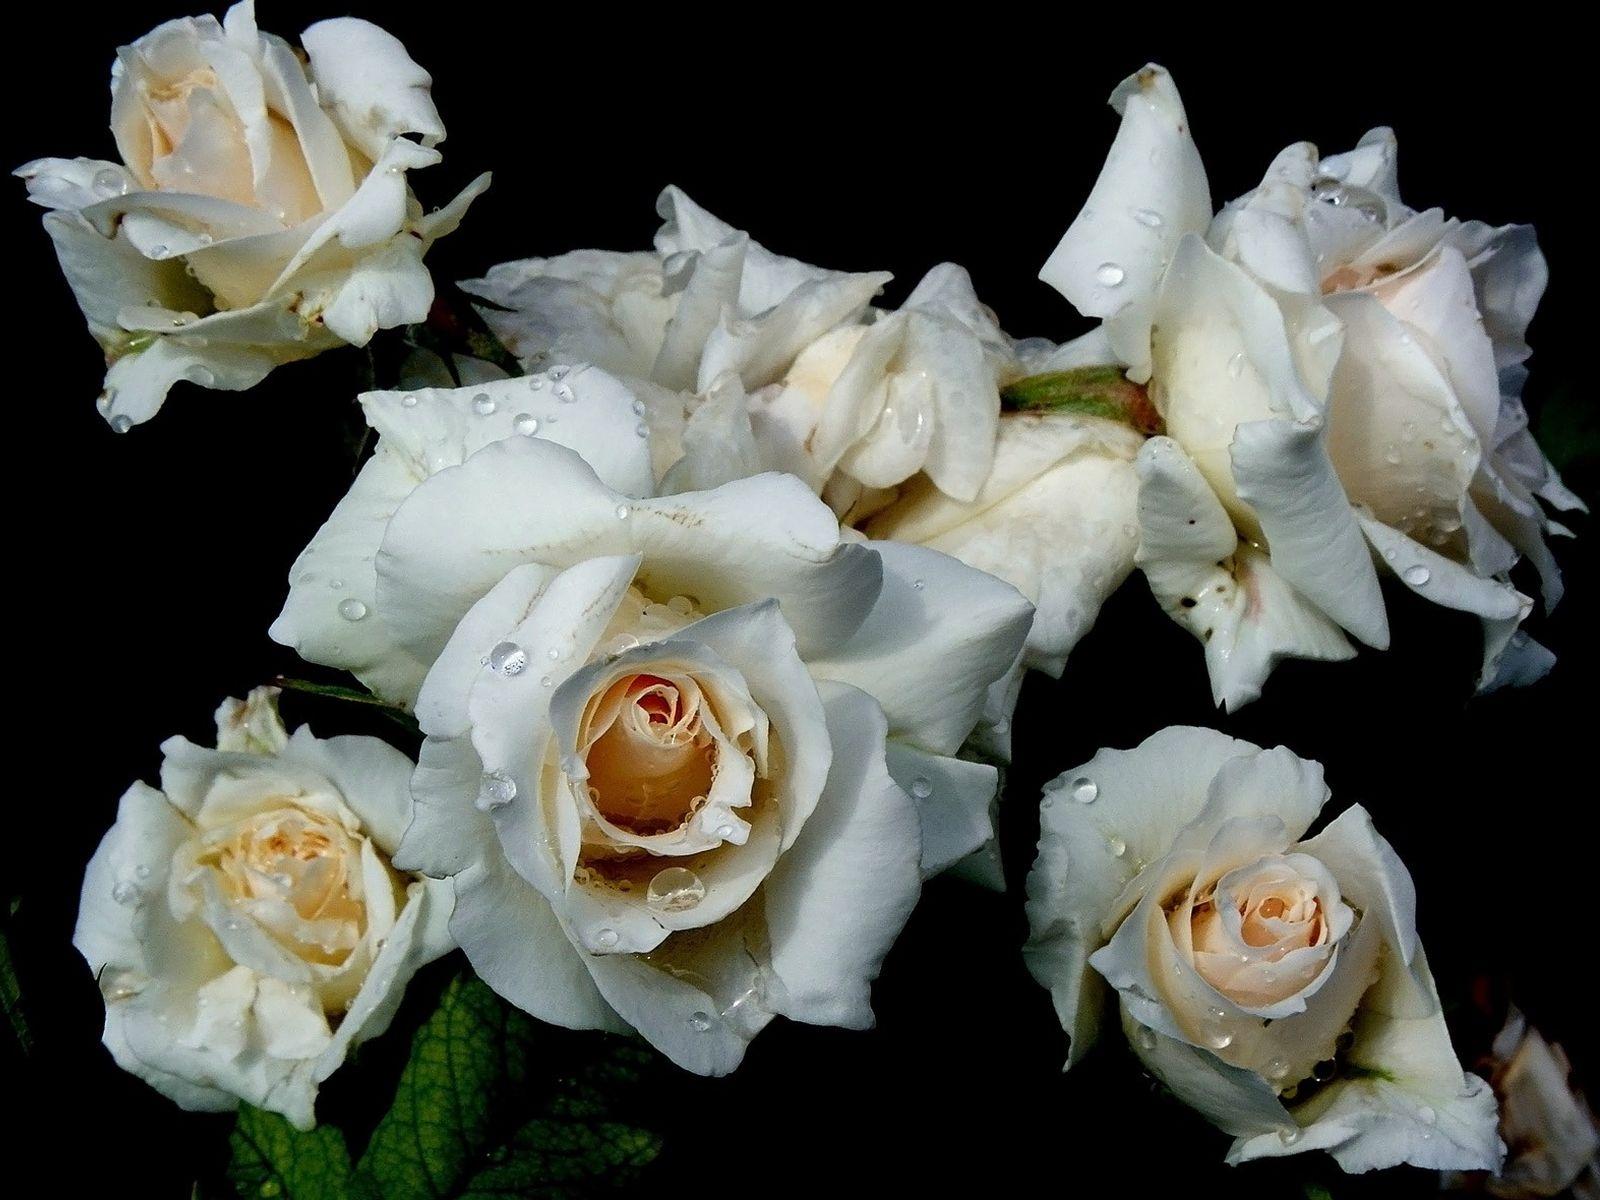 Три белых розы фото картинка душа умершего